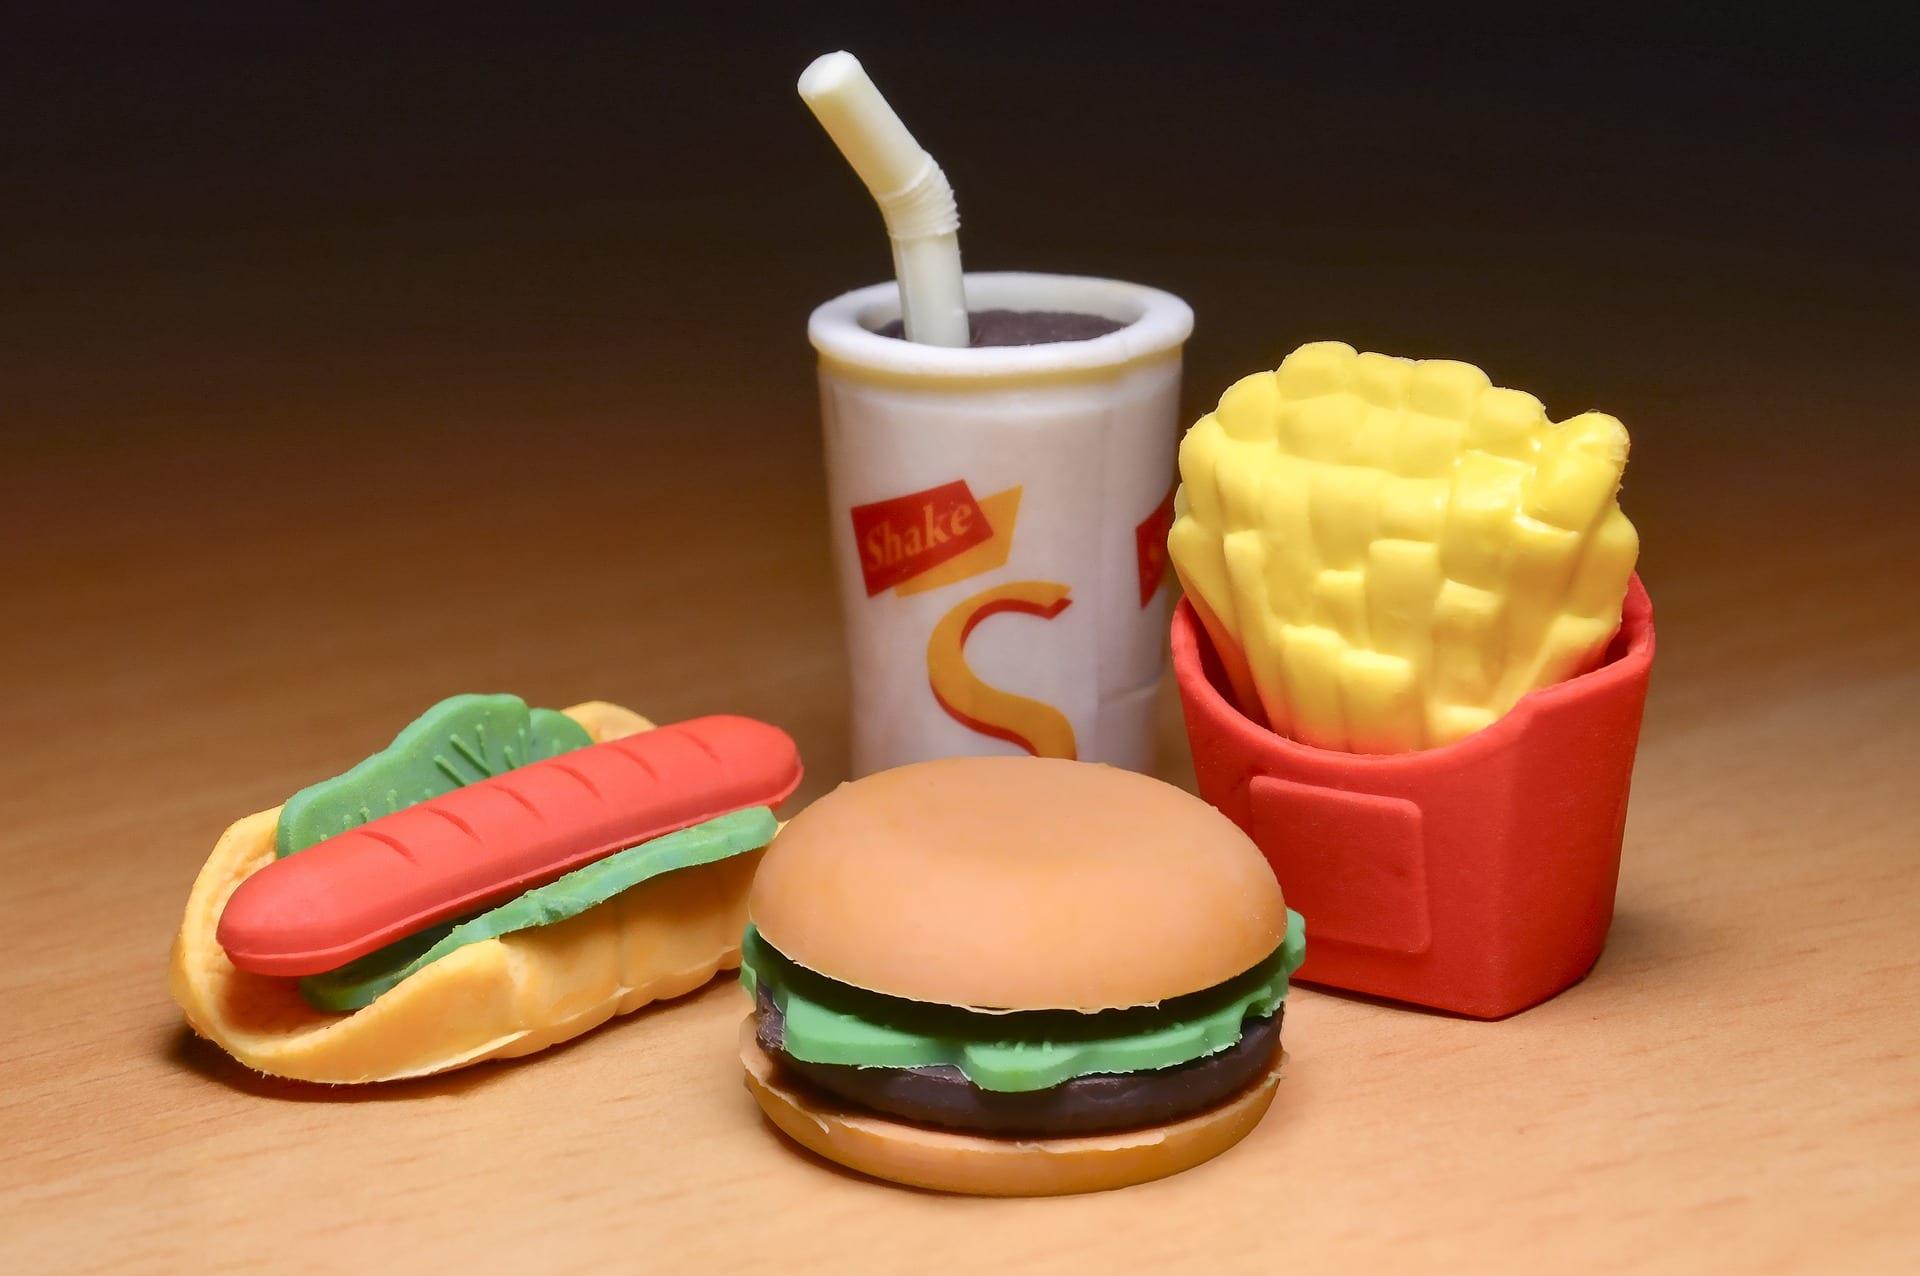 cibo di plastica (happy meal)